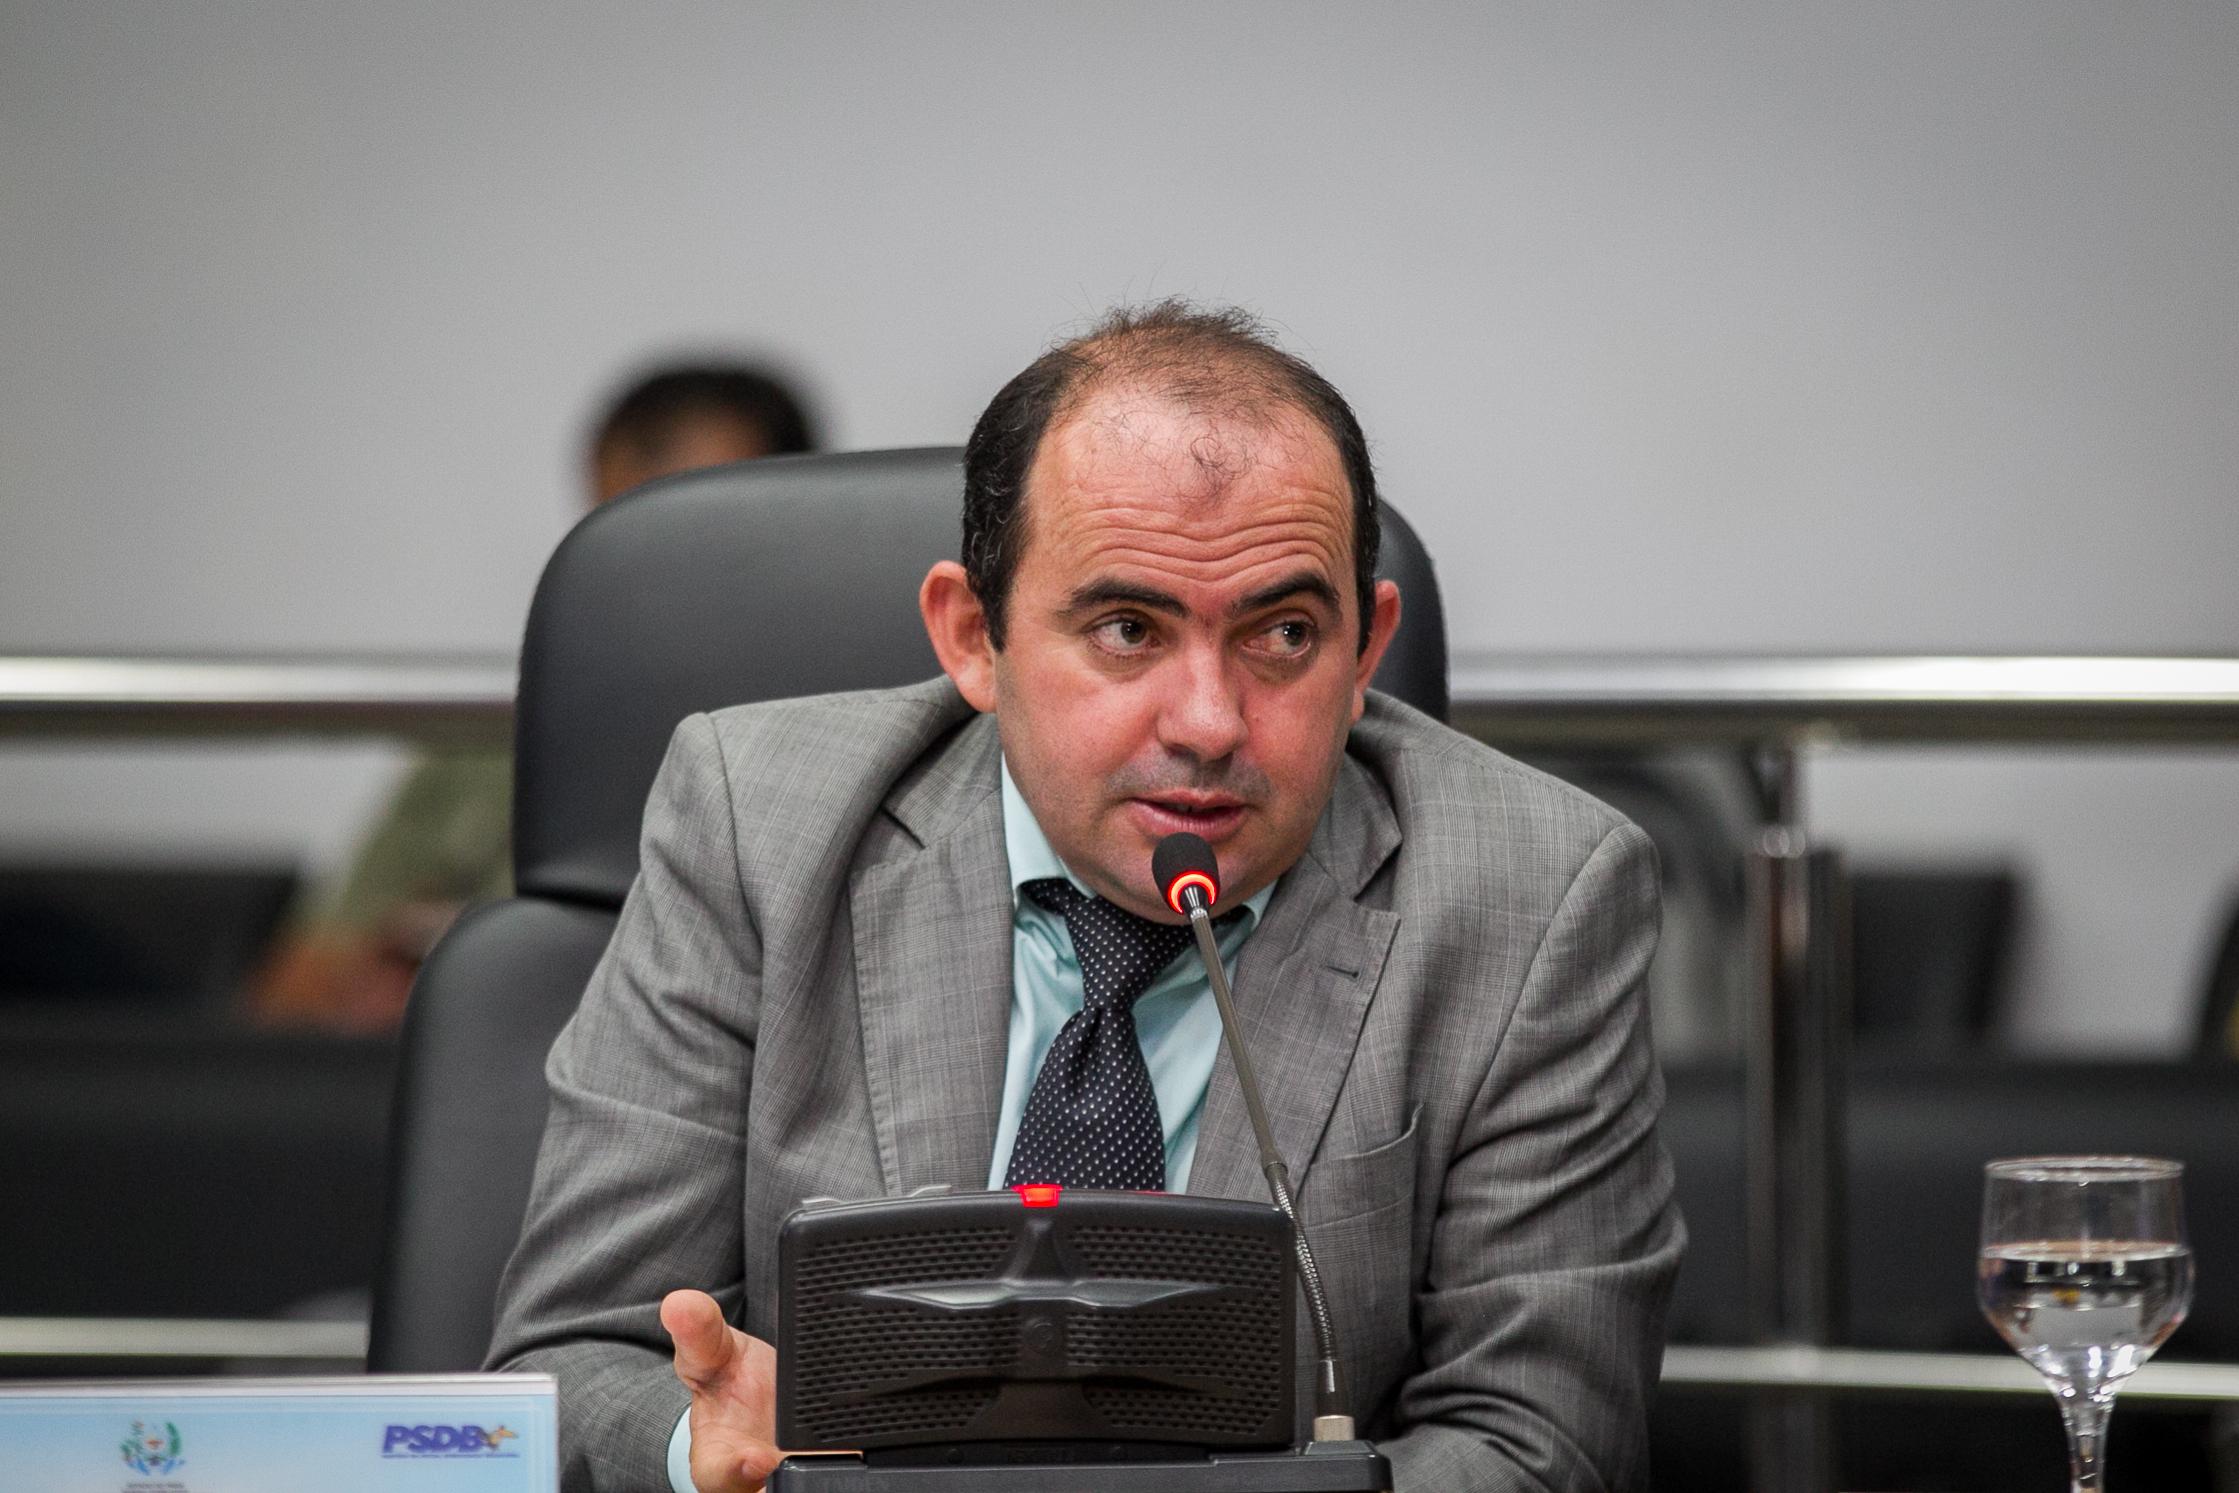 Empresas de transporte de valores podem ser proibidas de se instalar na zona urbana de Parauapebas